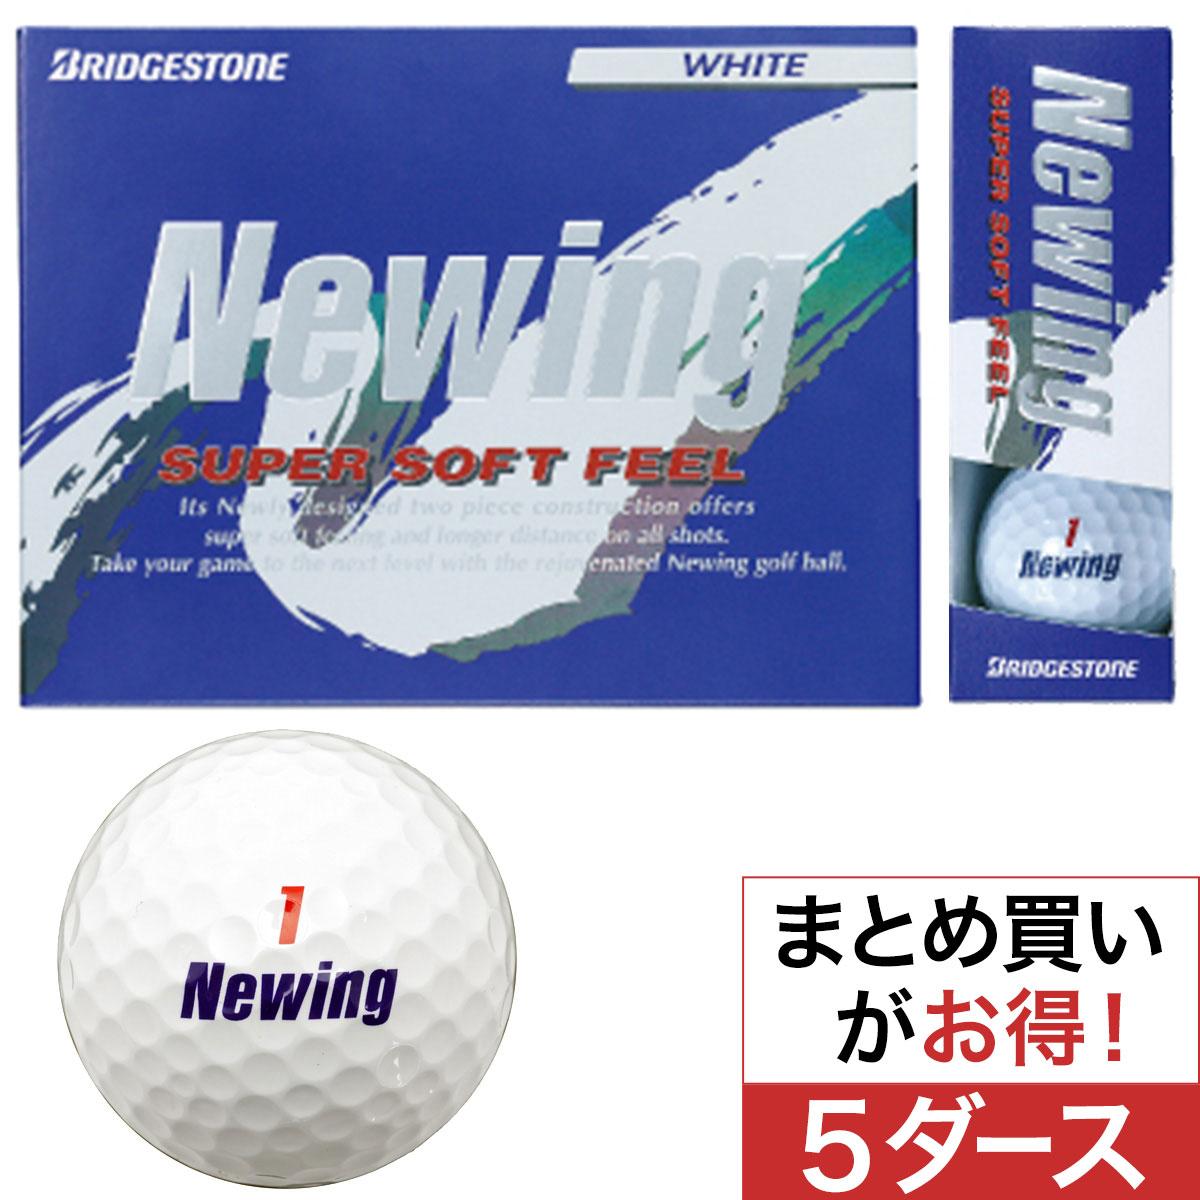 ニューイング SUPER SOFT FEEL ボール 5ダースセット